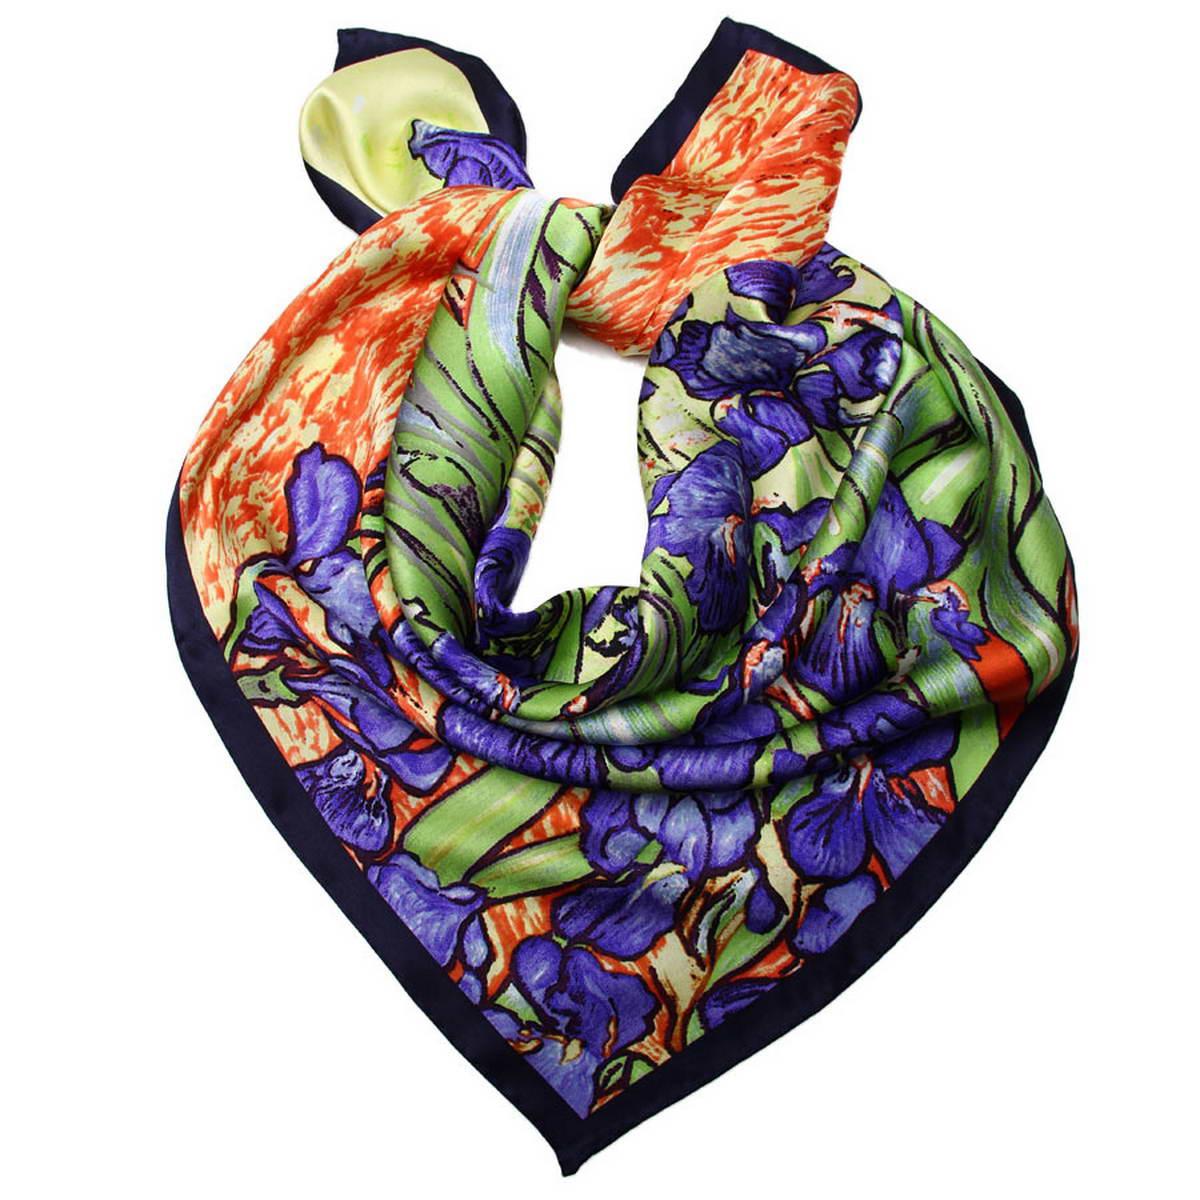 Платок женский. 1810912-121810912-12Стильный женский платок Venera станет великолепным завершением любого наряда. Платок, изготовленный из 100% шелка, оформлен изображением картины Винсента Ван Гога Ирисы. Классическая квадратная форма позволяет носить платок на шее, украшать им прическу или декорировать сумочку. Легкий и приятный на ощупь платок поможет вам создать изысканный женственный образ. Такой платок превосходно дополнит любой наряд и подчеркнет ваш неповторимый вкус и элегантность.